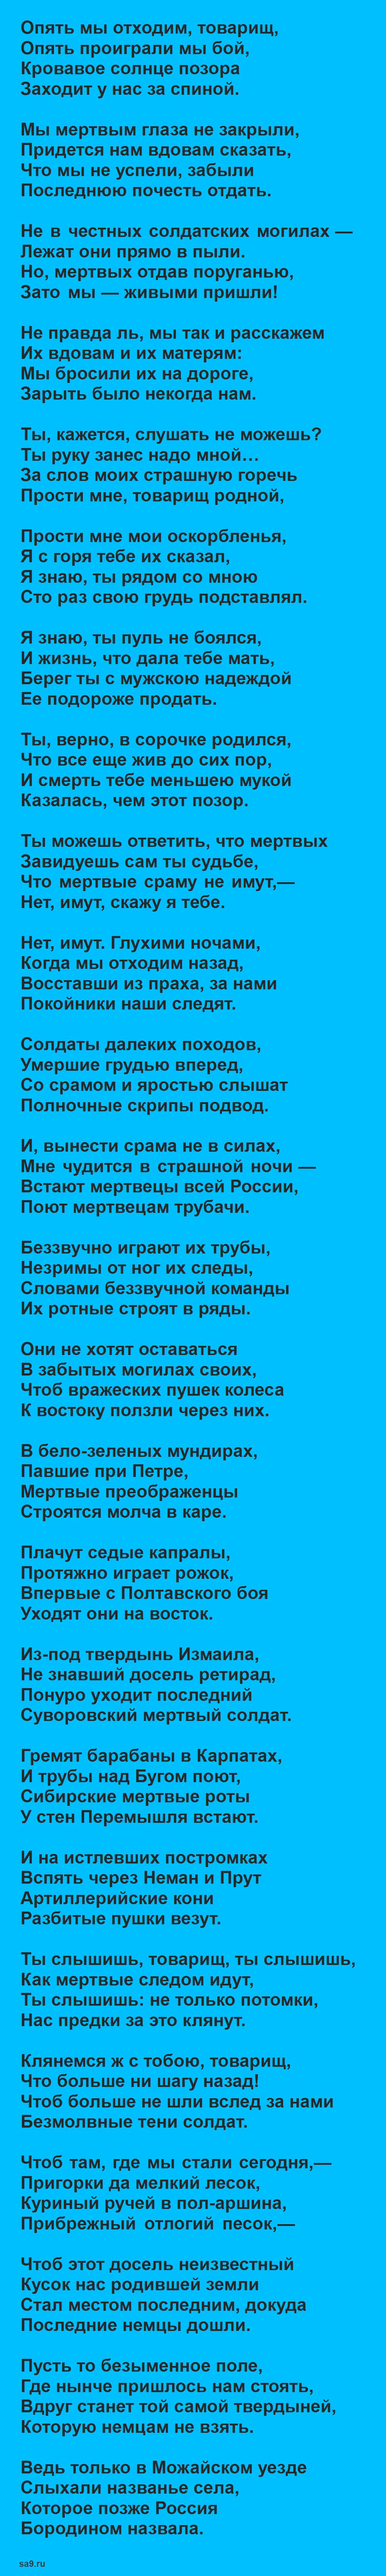 Читать стихи Симонова - Безымянное поле